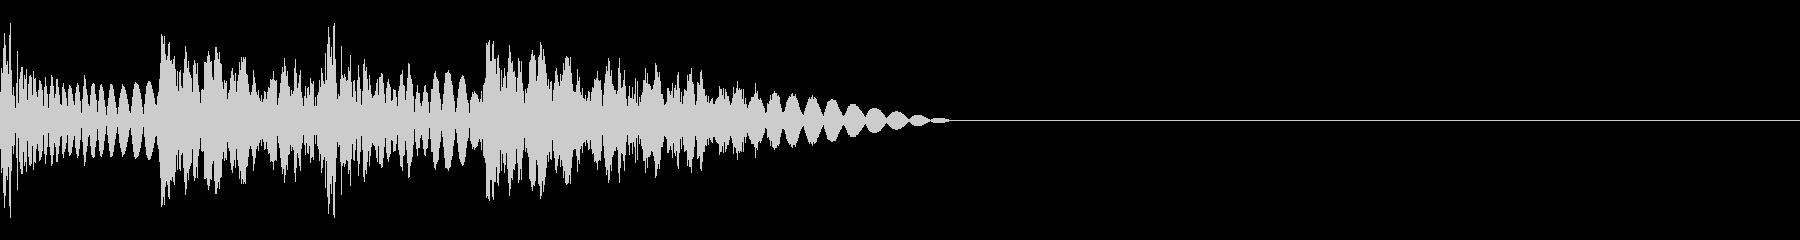 ビシボコ(2連続物理攻撃・打撃・連打)の未再生の波形